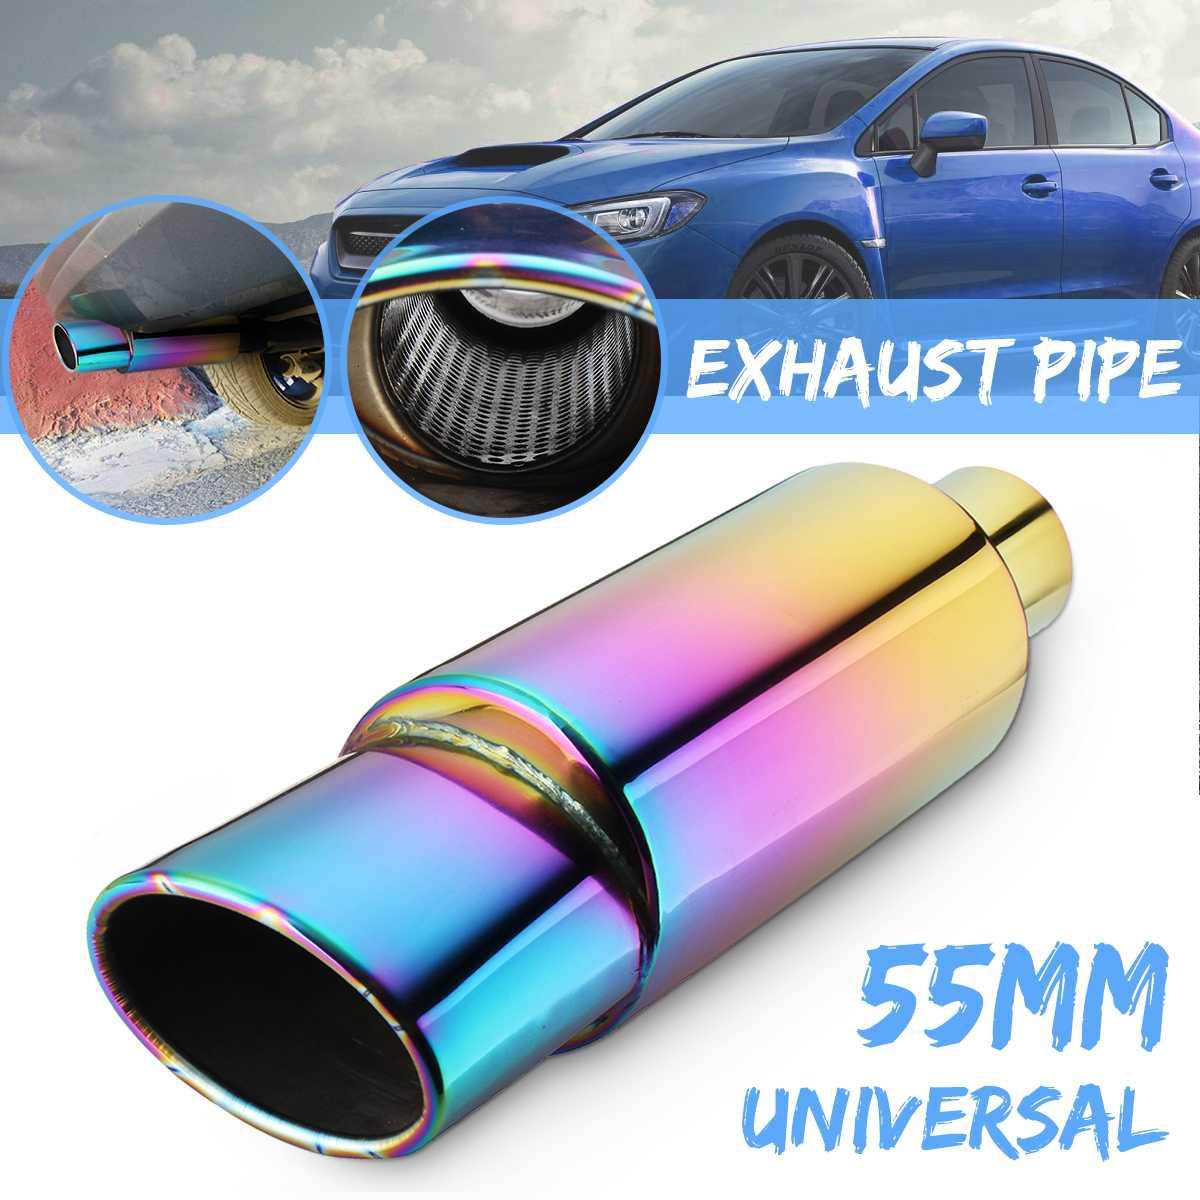 Универсальный 55 мм на входе выхлопной трубы автомобиля глушитель выхлопной наконечник выхлопной трубы из нержавеющей стали 86,5 мм выход|Шумоглушители|   | АлиЭкспресс